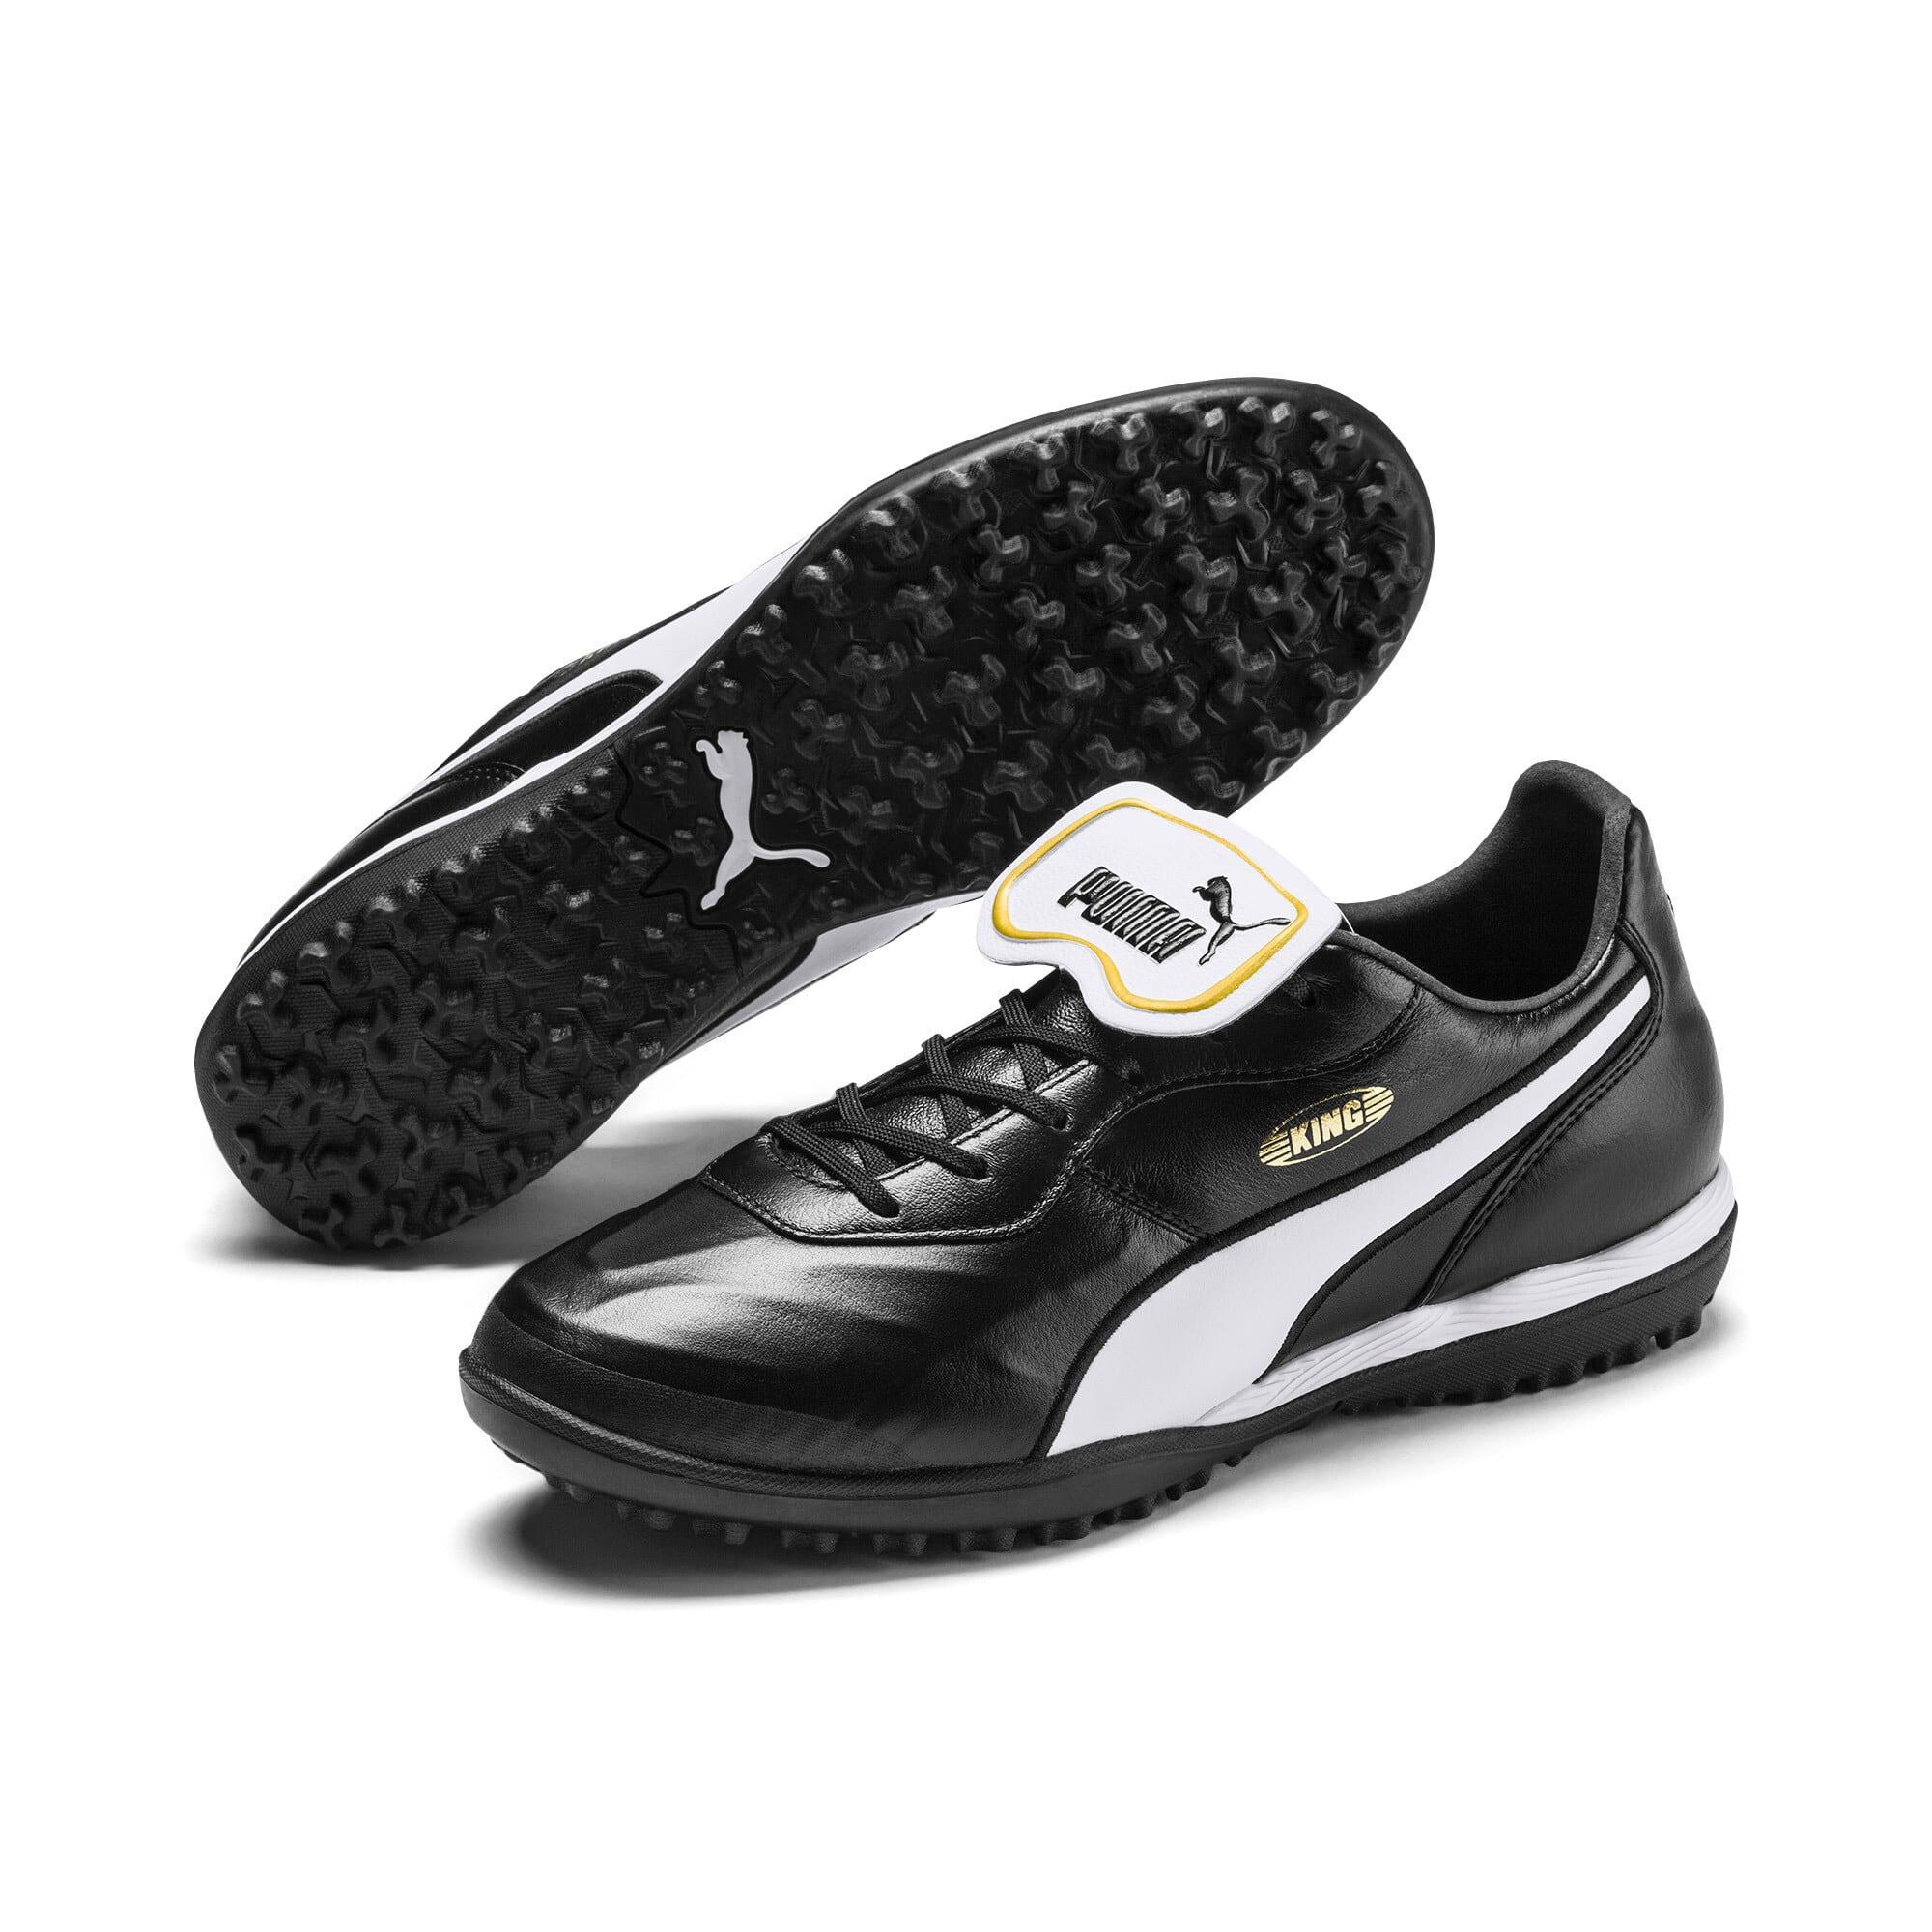 Chaussure de foot KING TOP TT pour homme